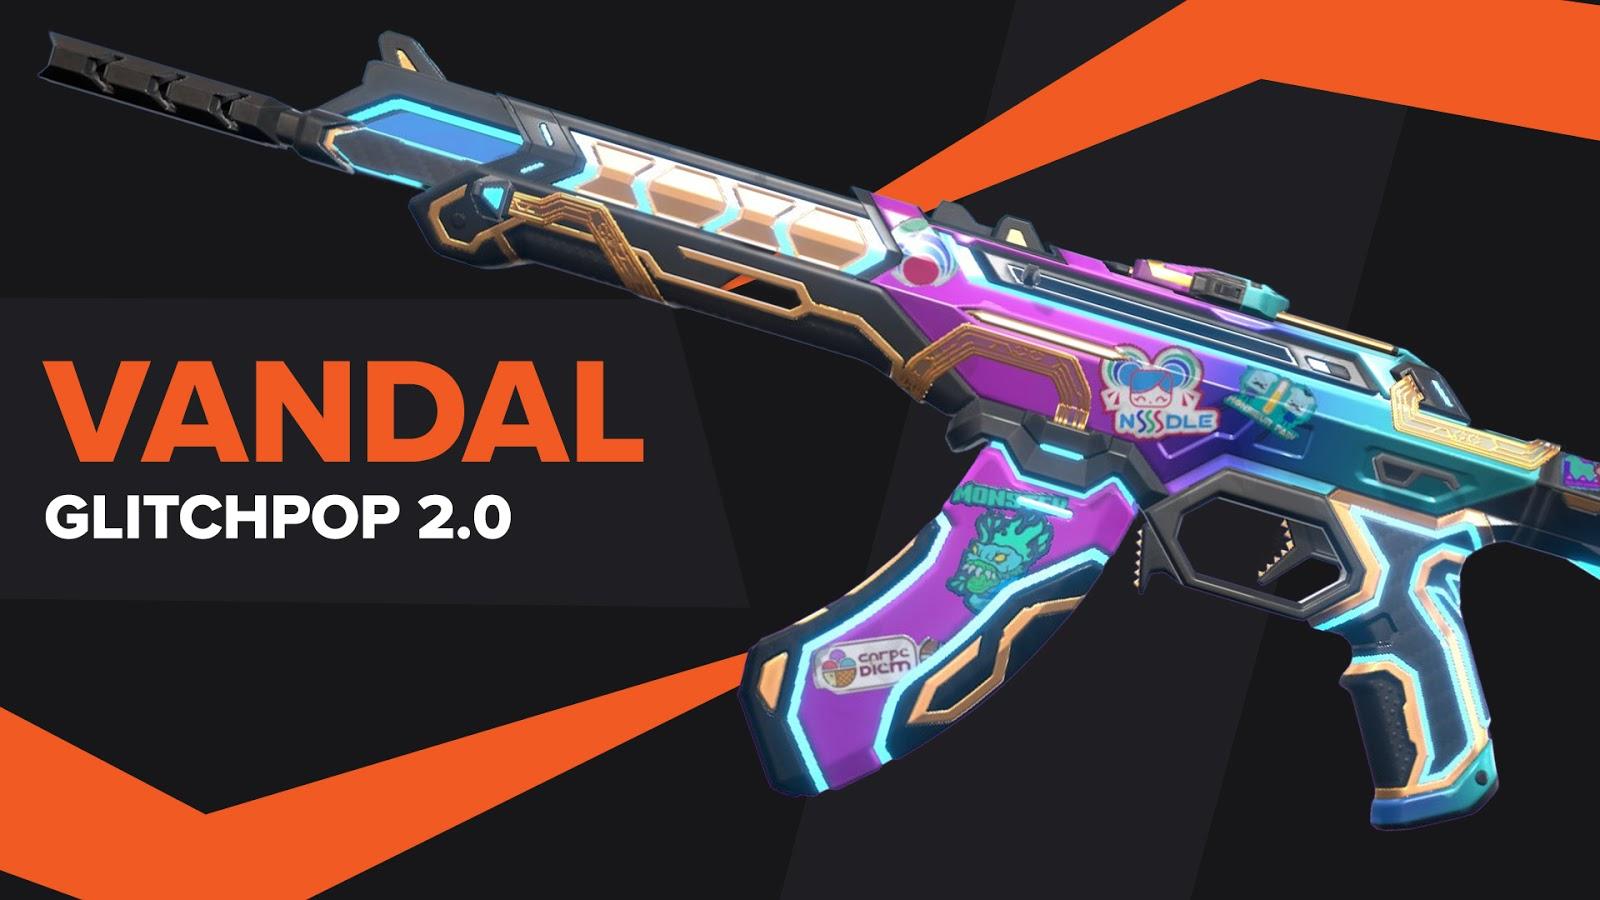 Vandal Glitchpop 2.0 Skin